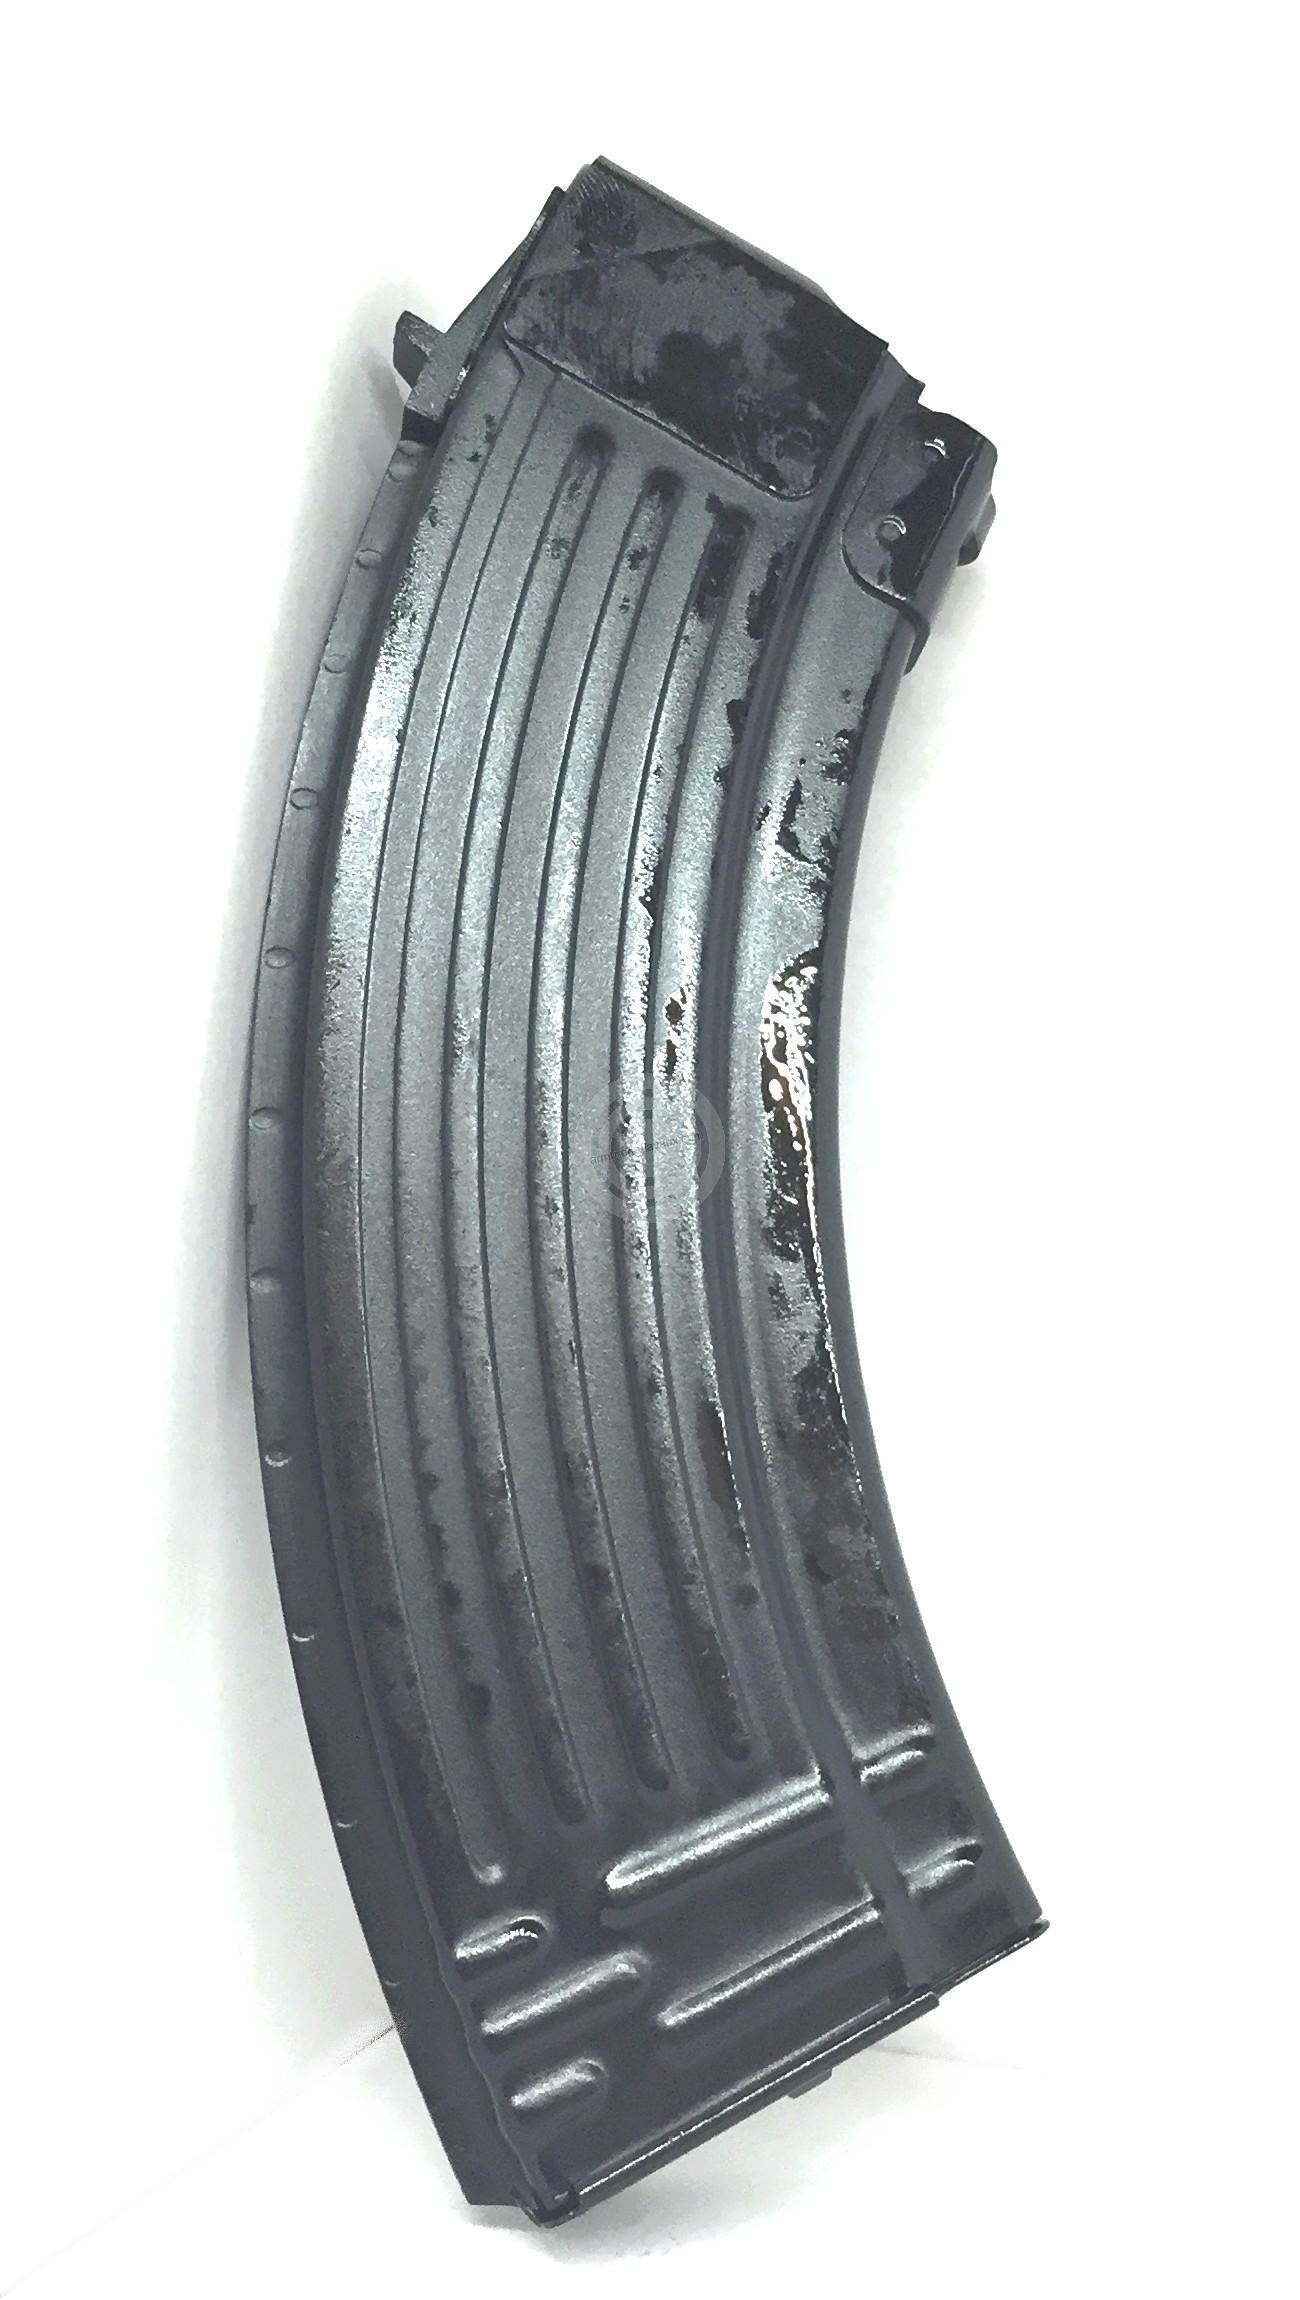 Chargeur AK47 - AKM - ZASTAVA M92 cal.7.62x39 (30 coups)